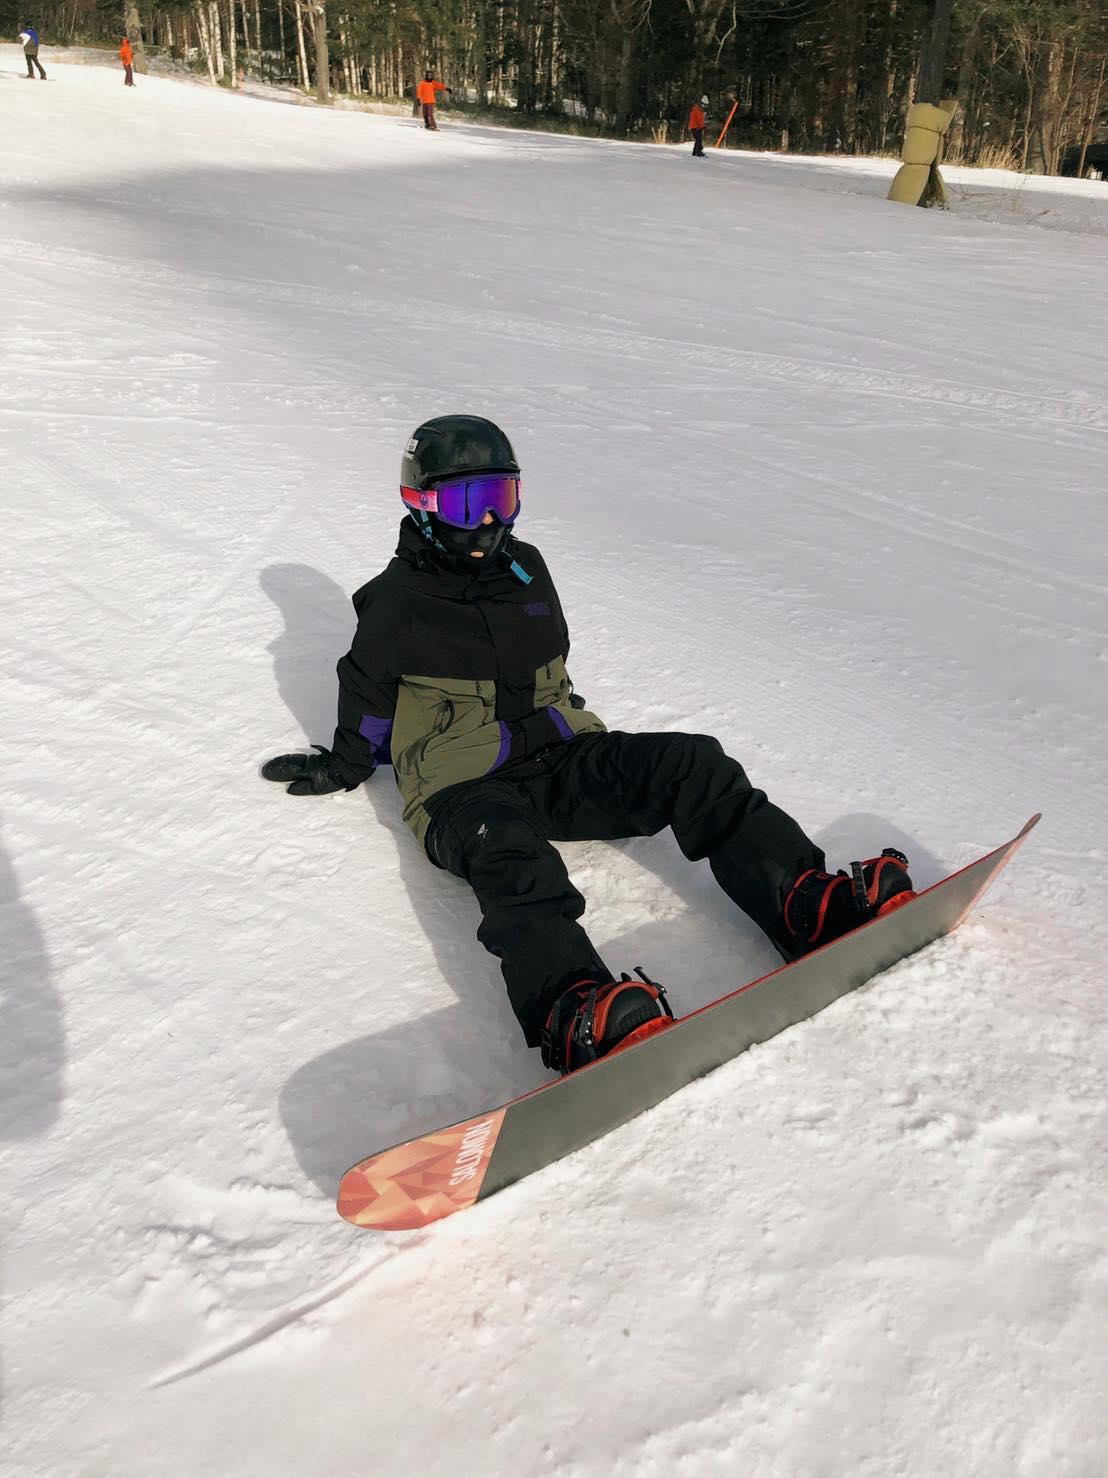 ▲睽違十年後再次滑雪,讓李維維練了好久才找回滑雪感覺。